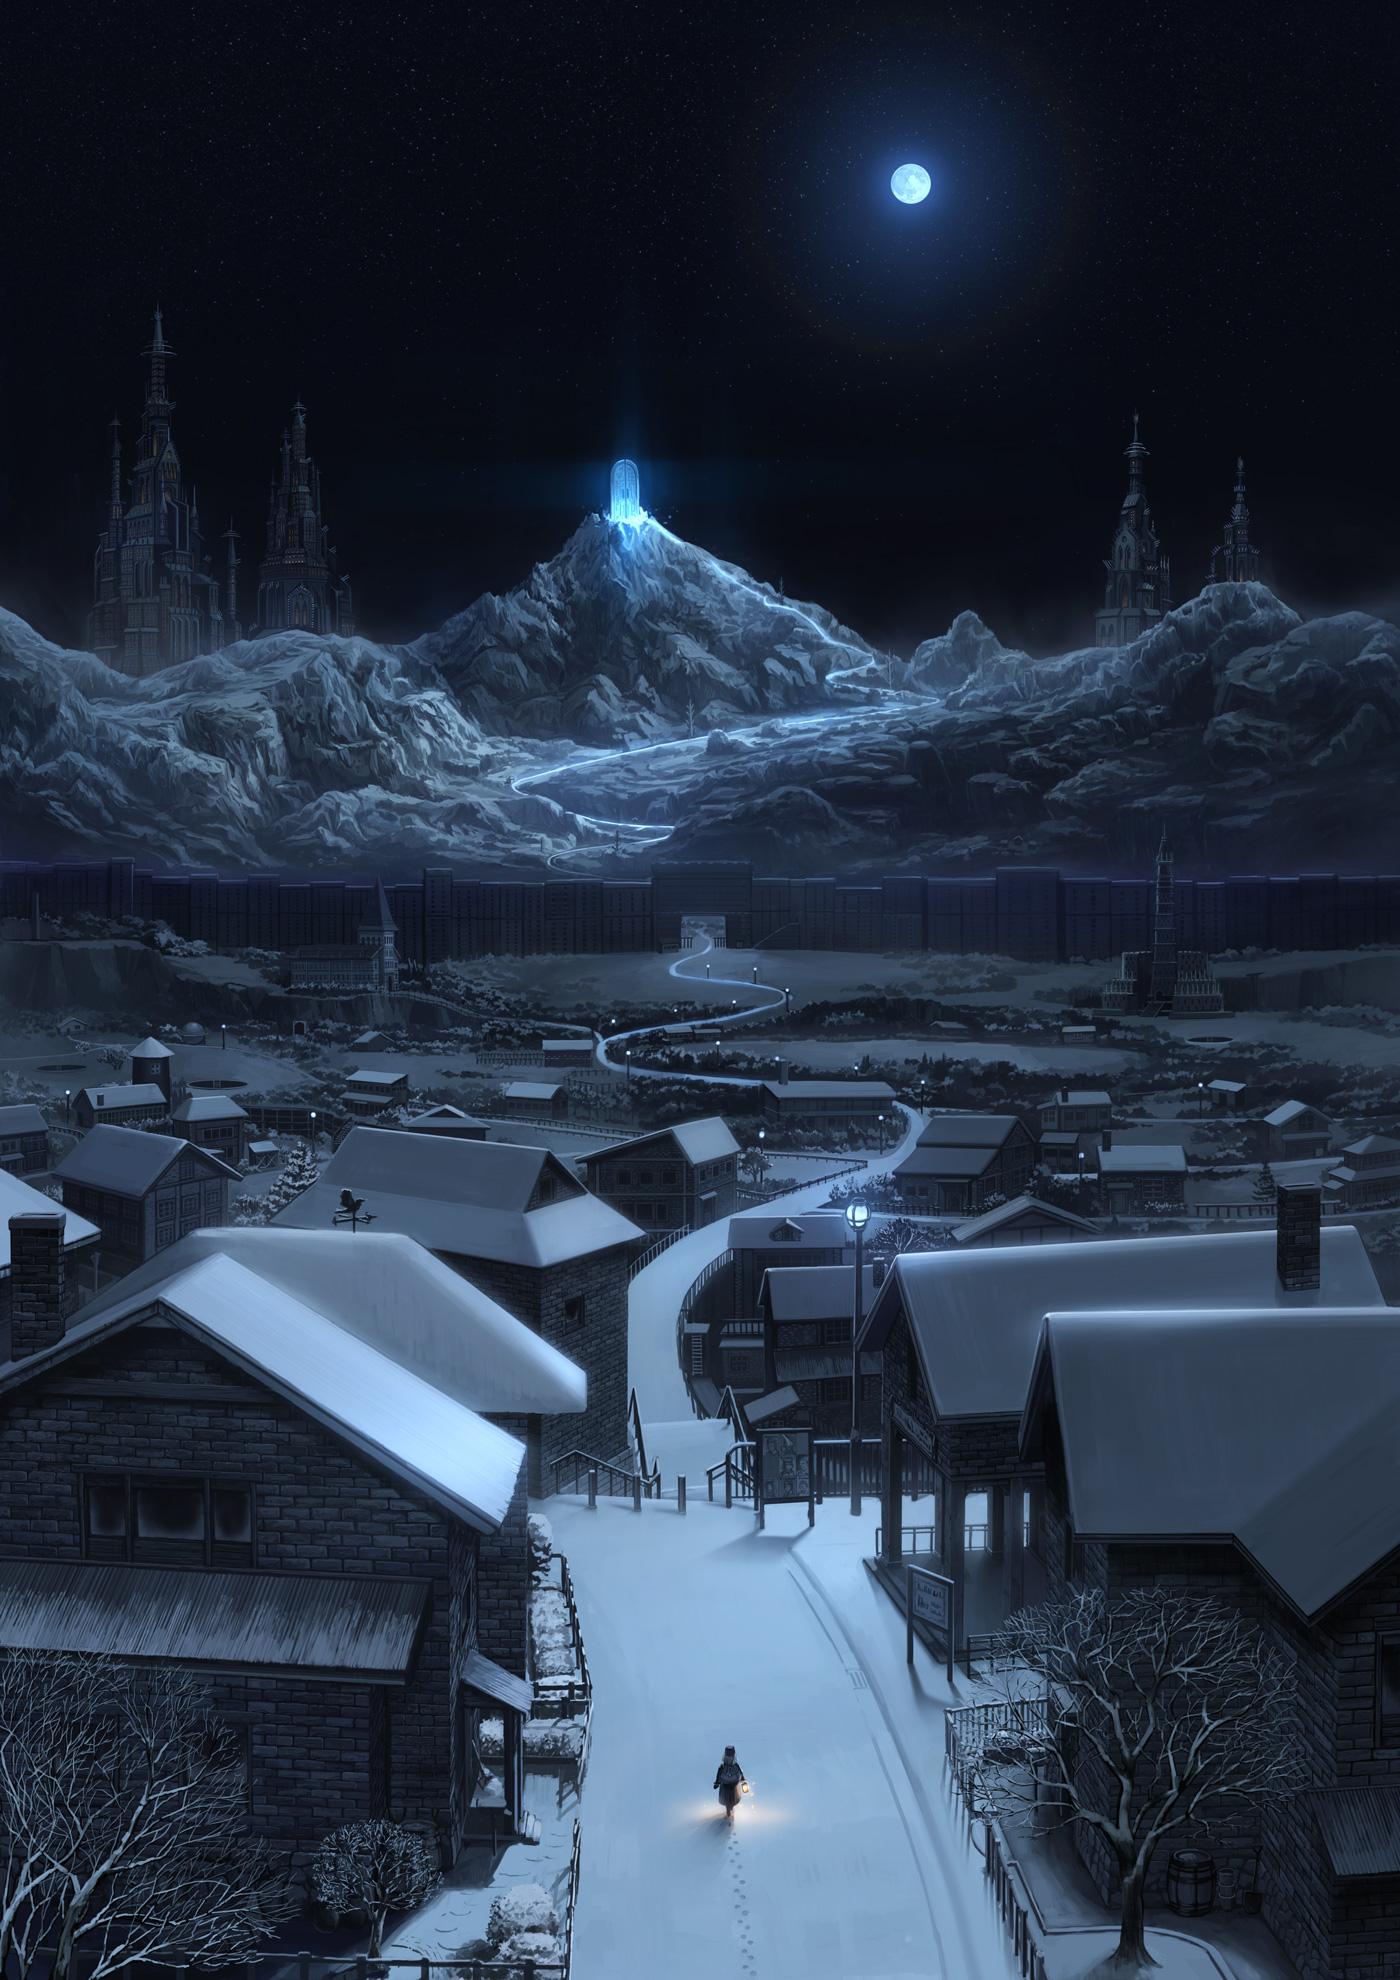 Winter Zerochan Anime Image Board